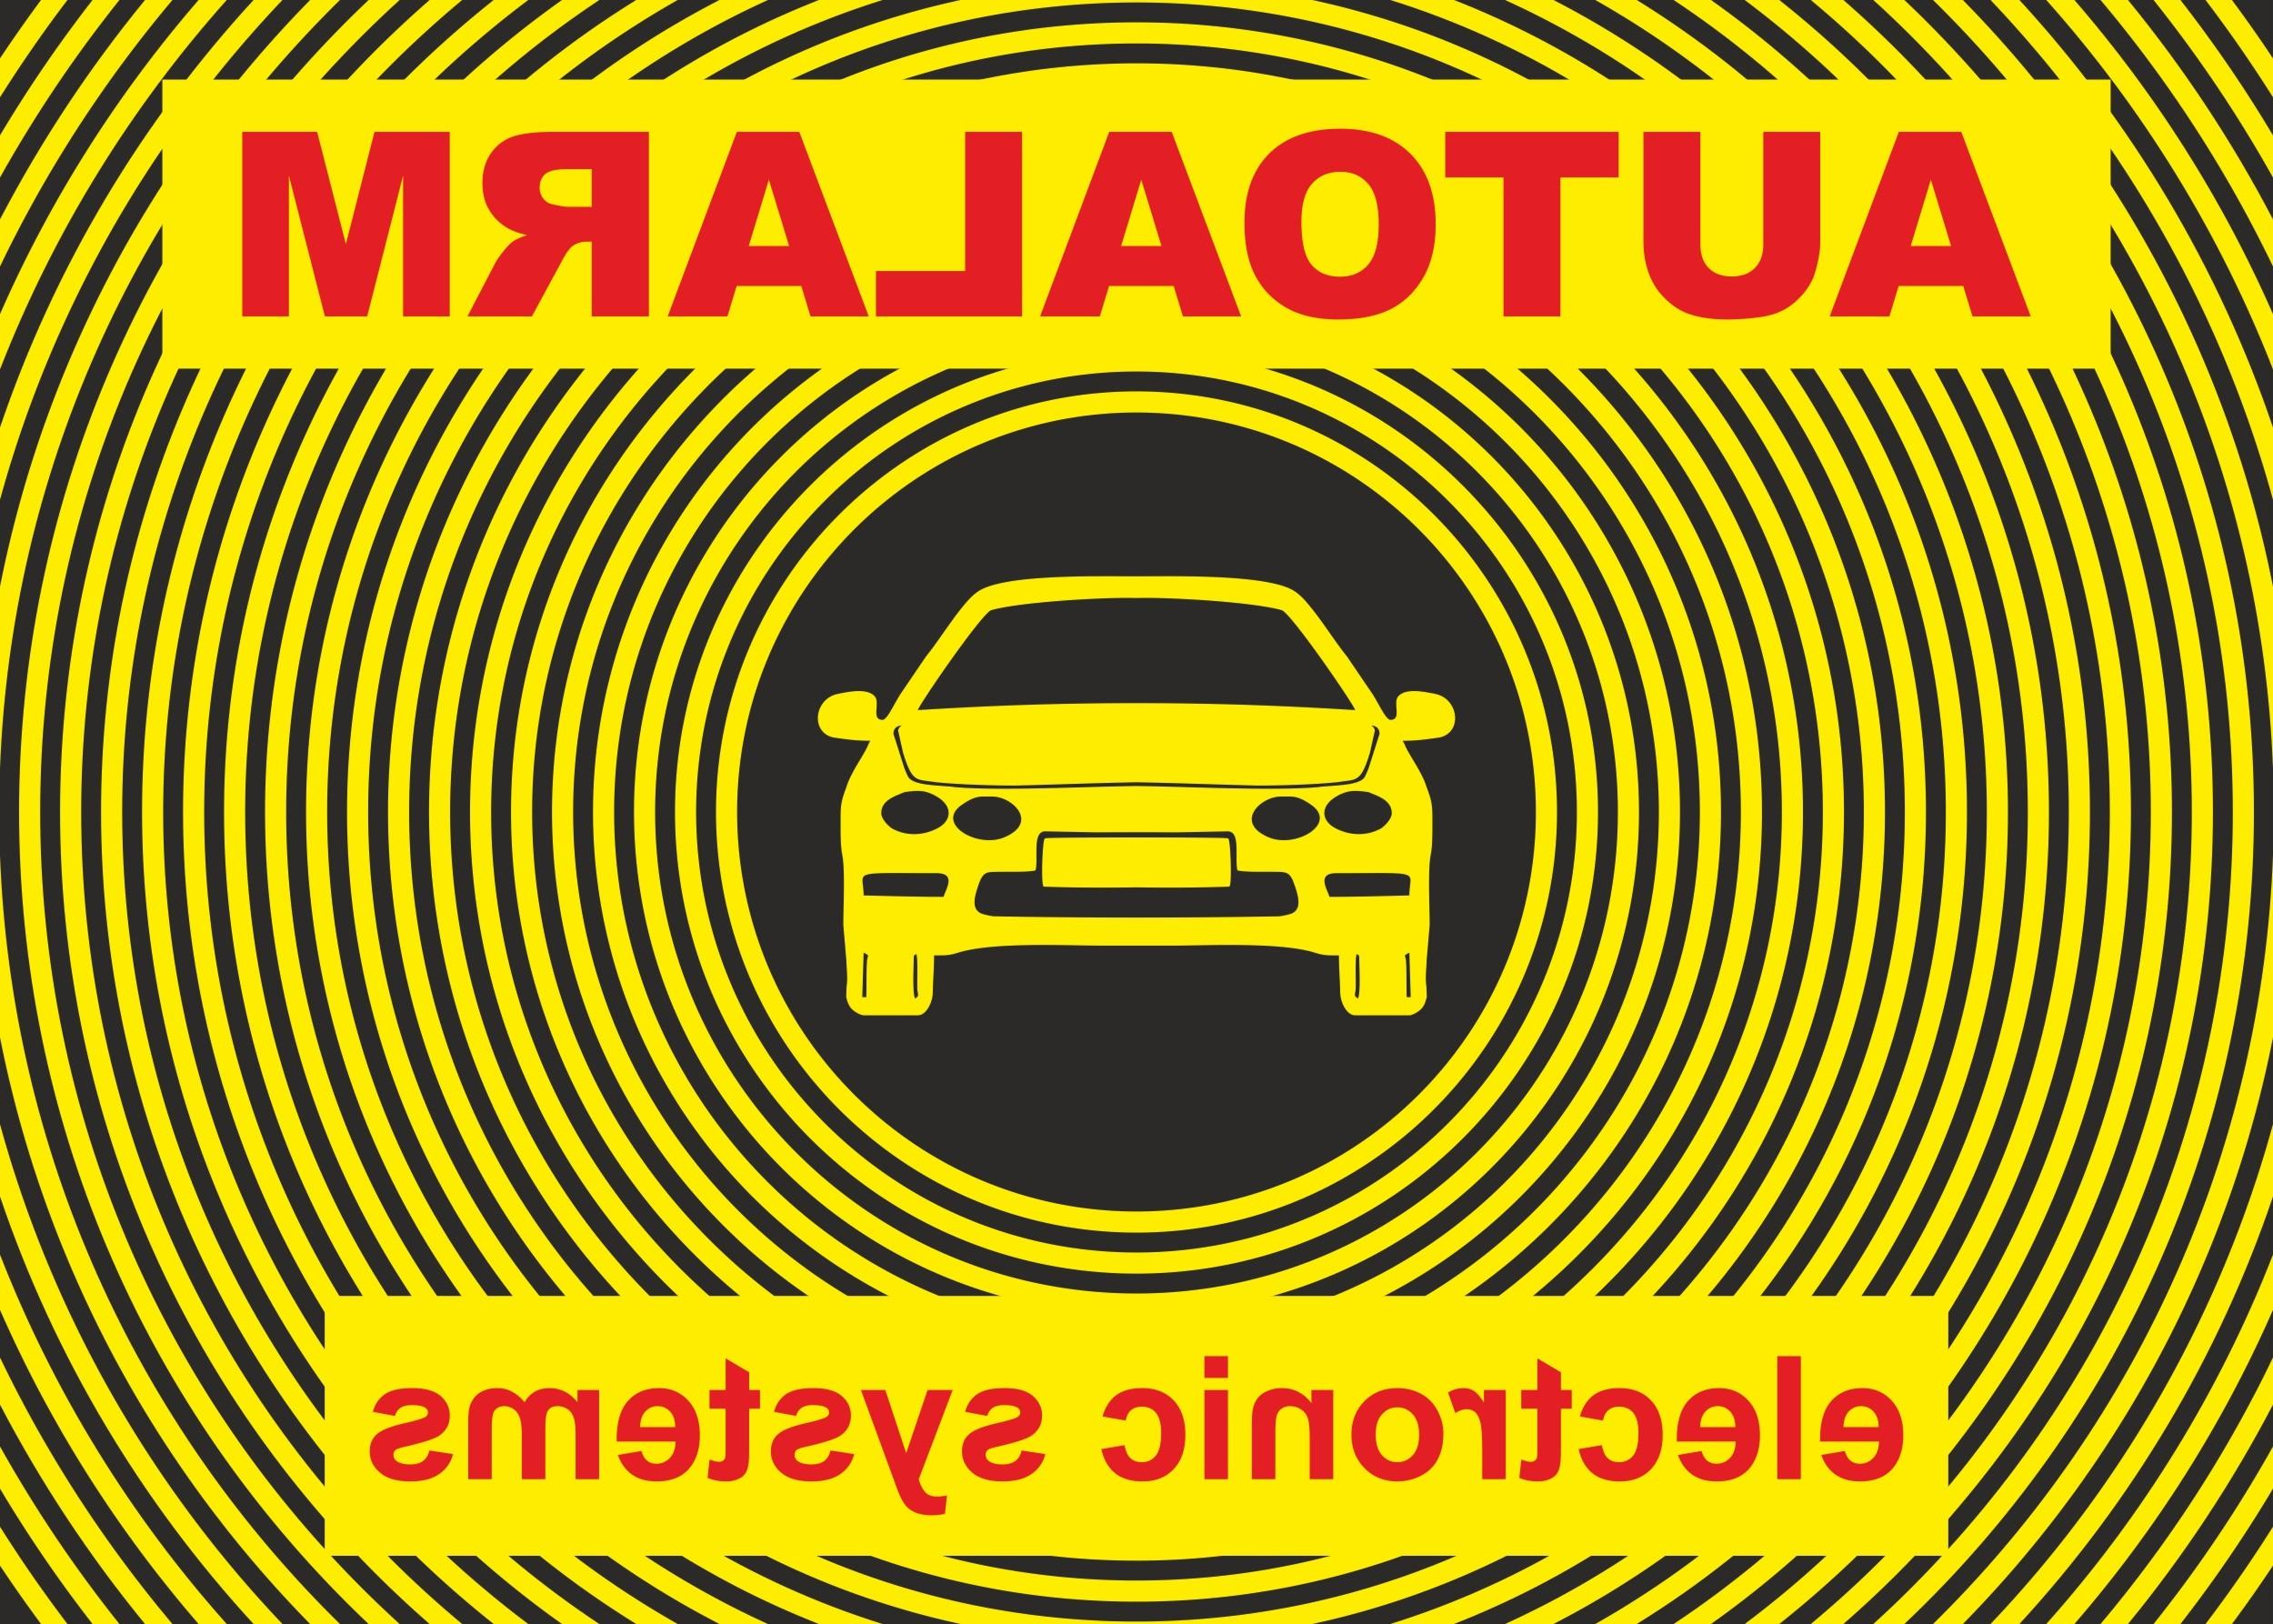 Autocollant Auto-Alarm- electronic systemsadhérent à l'intérieur 75 x 50 mm – Bild 1